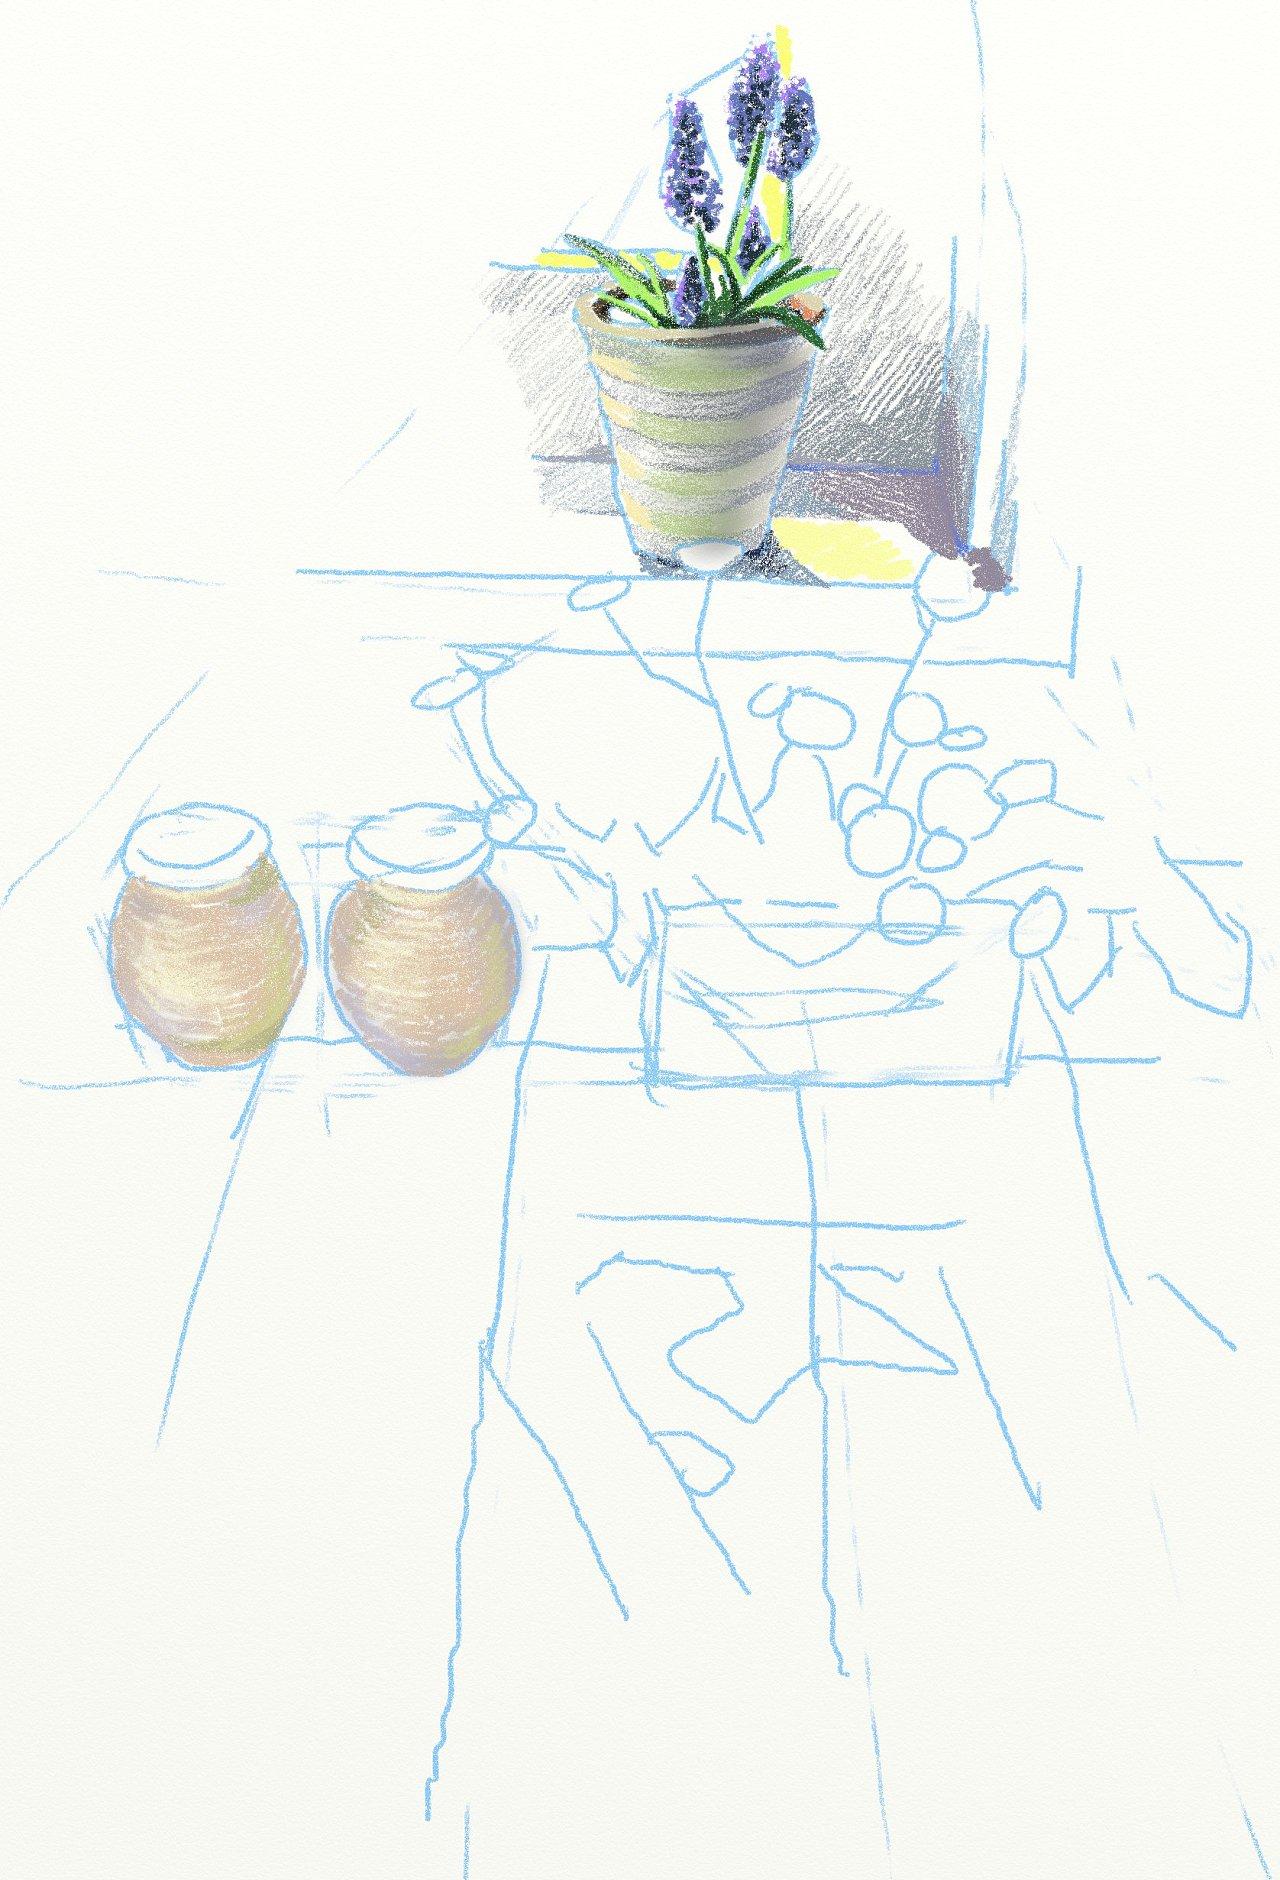 手绘板彩铅练习稿